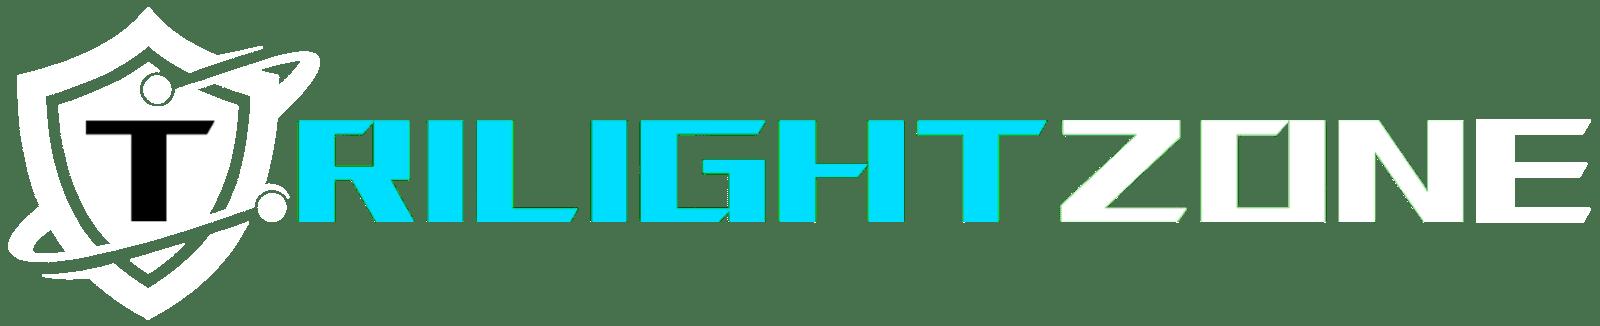 TrilightZone logo